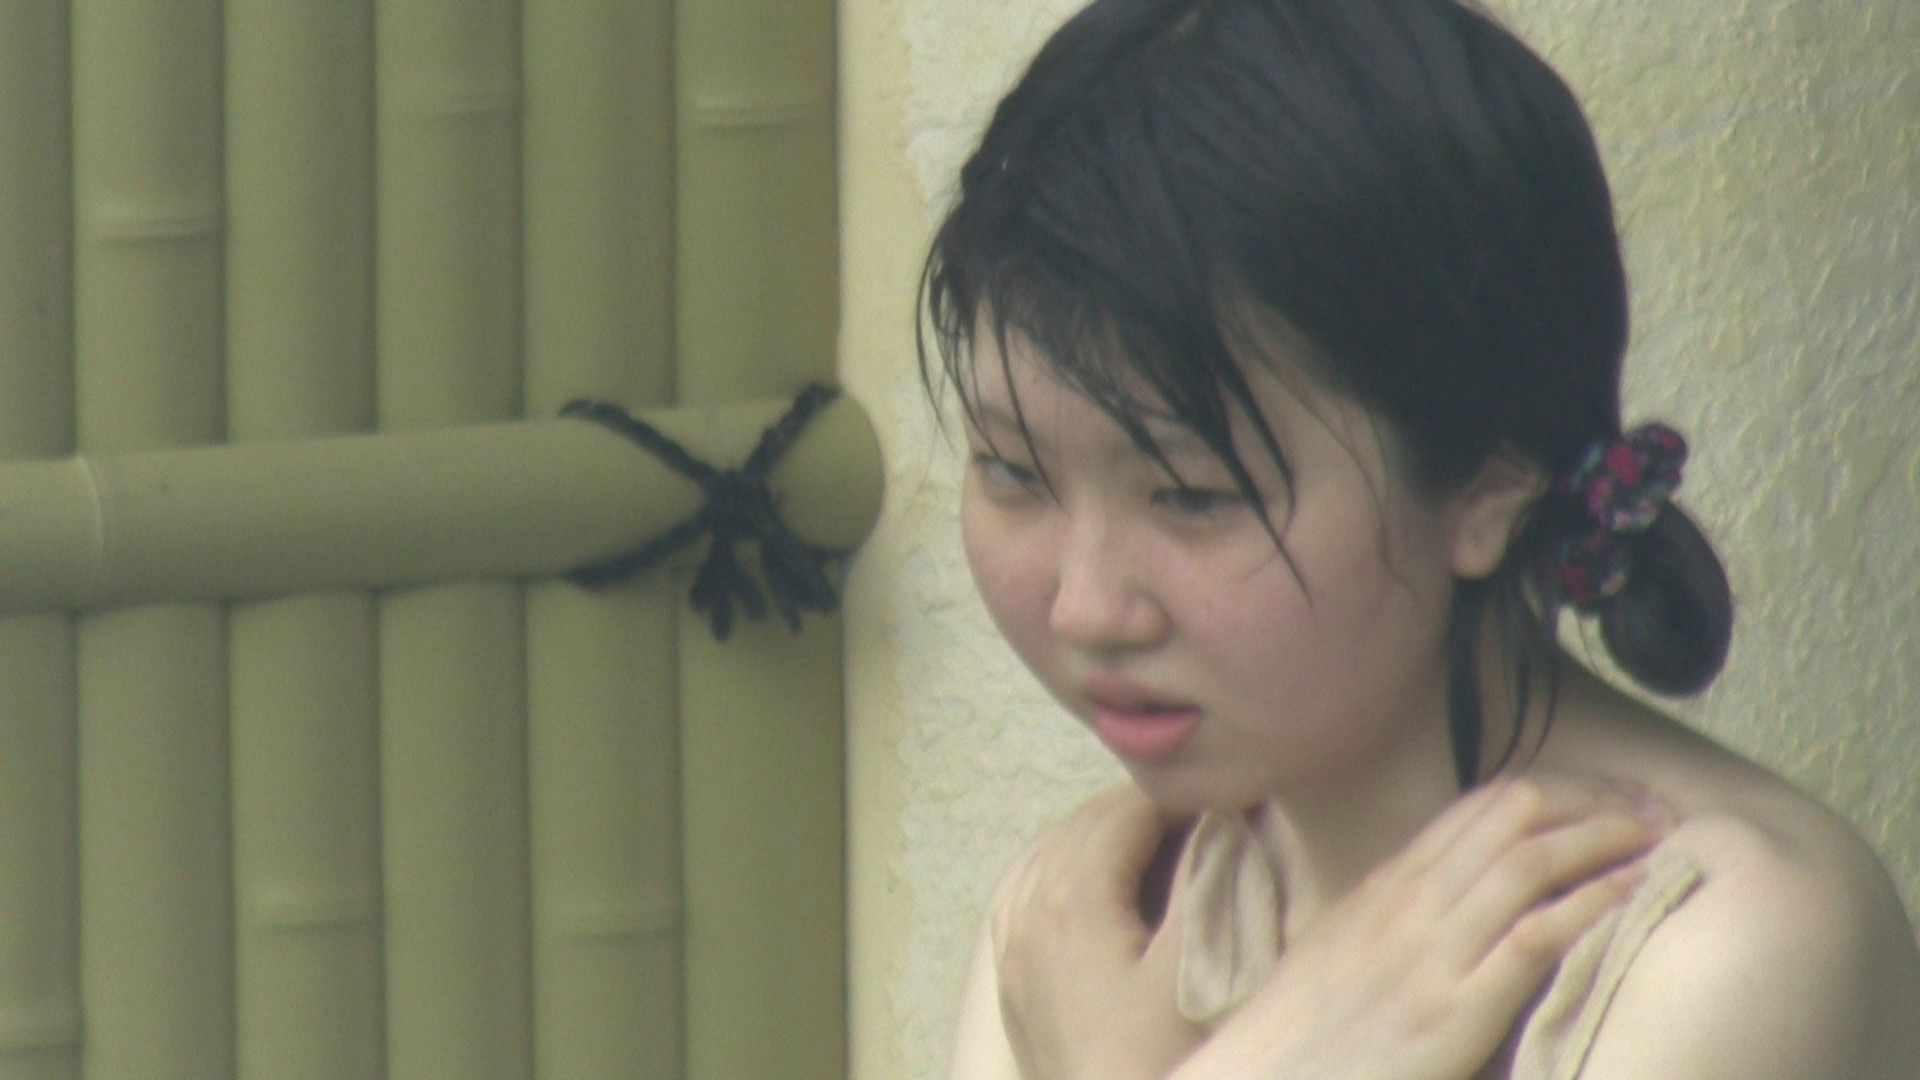 Aquaな露天風呂Vol.128 OLハメ撮り  113Pix 69